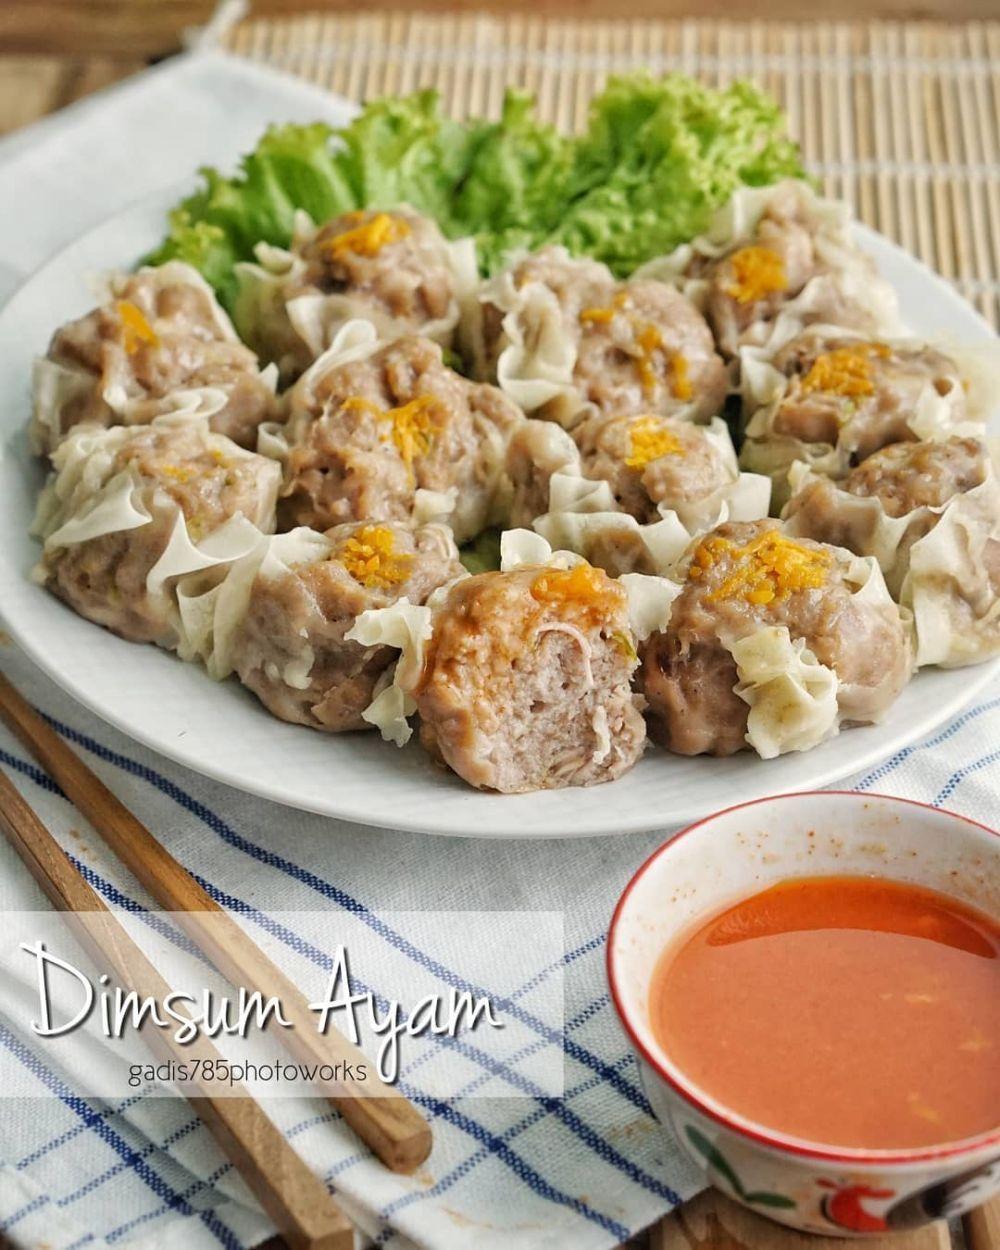 Resep Dimsum C 2020 Brilio Net Di 2020 Resep Resep Makanan Cina Resep Masakan Cina